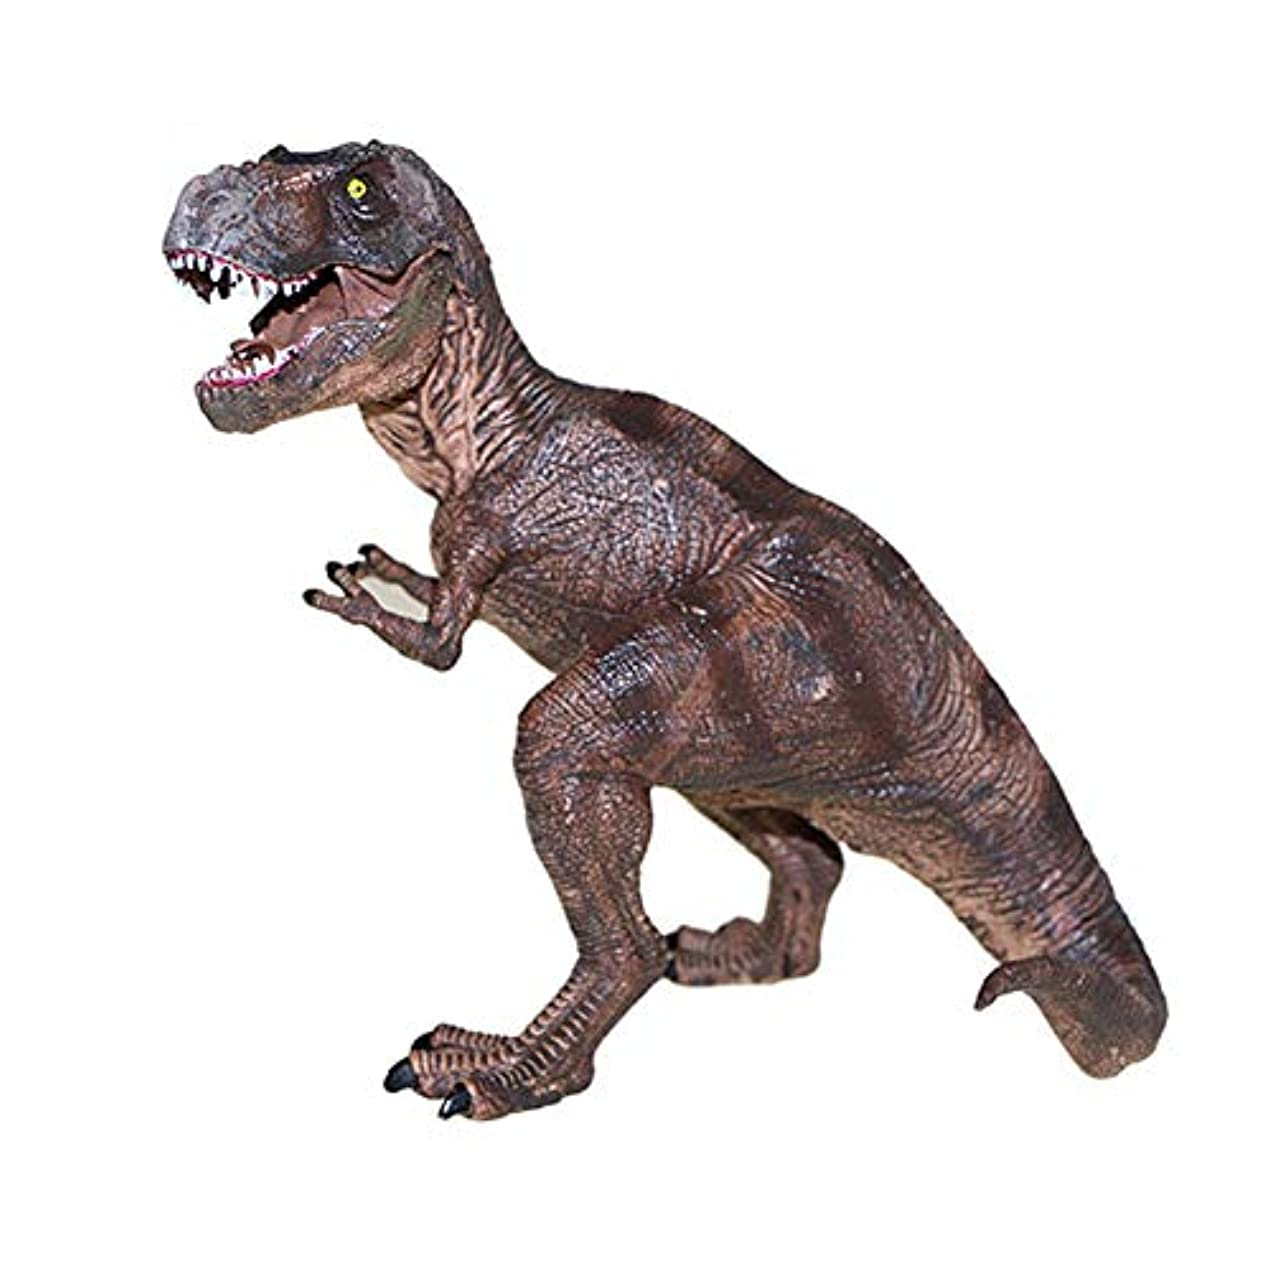 入り口霊脈拍Tenflyer子供のおもちゃティラノサウルスレックス恐竜モデルプラスチックアクションフィギュア玩具キッズ誕生日プレゼント